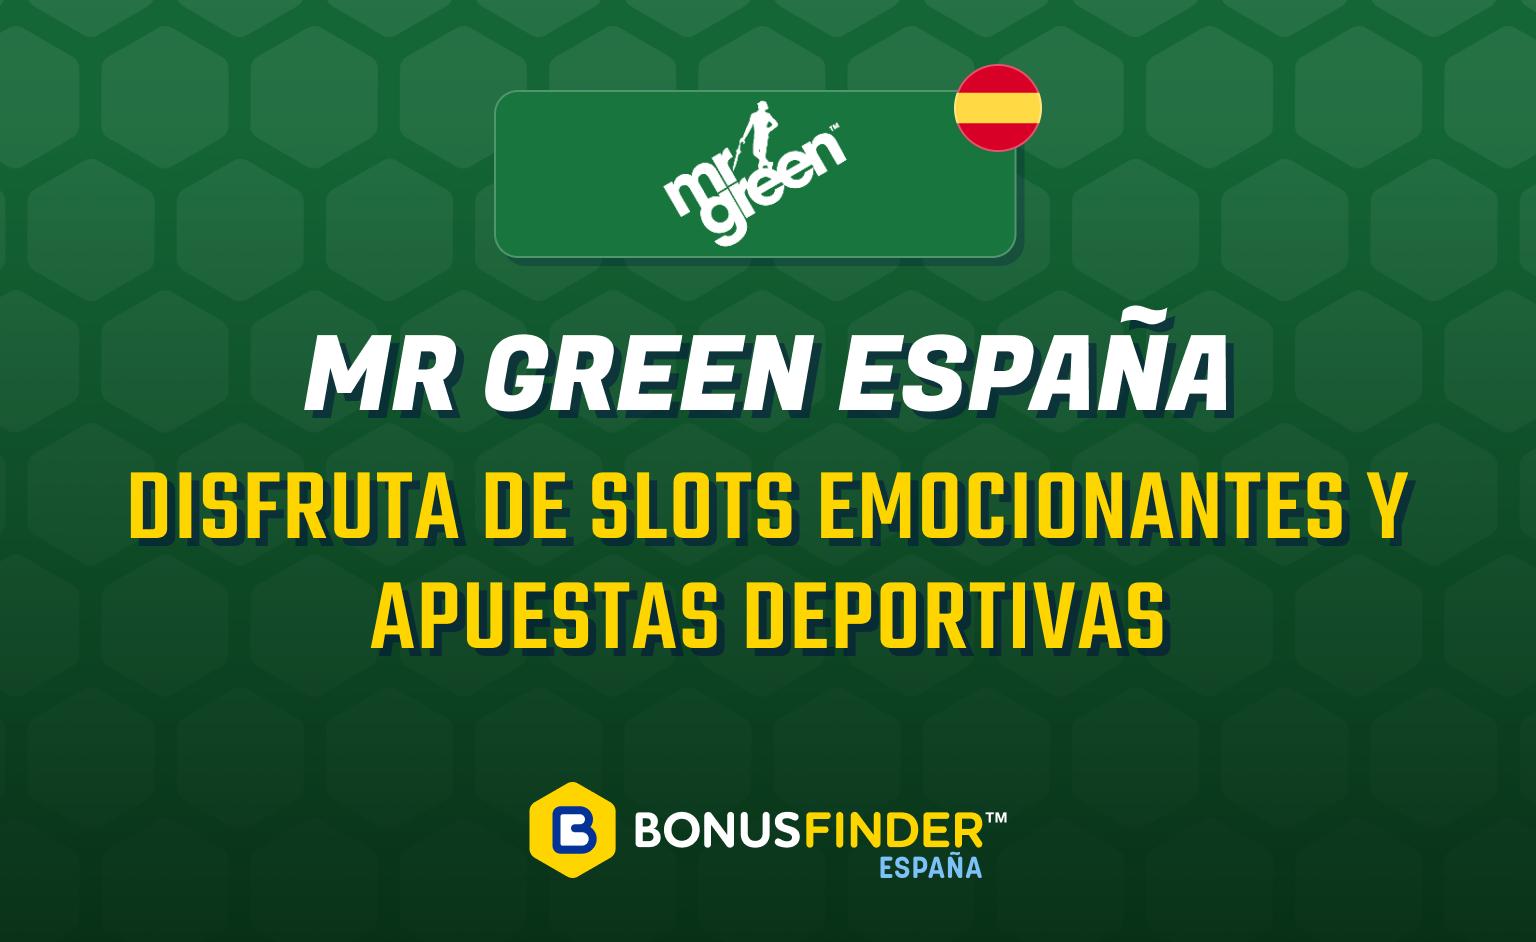 Mr Green España